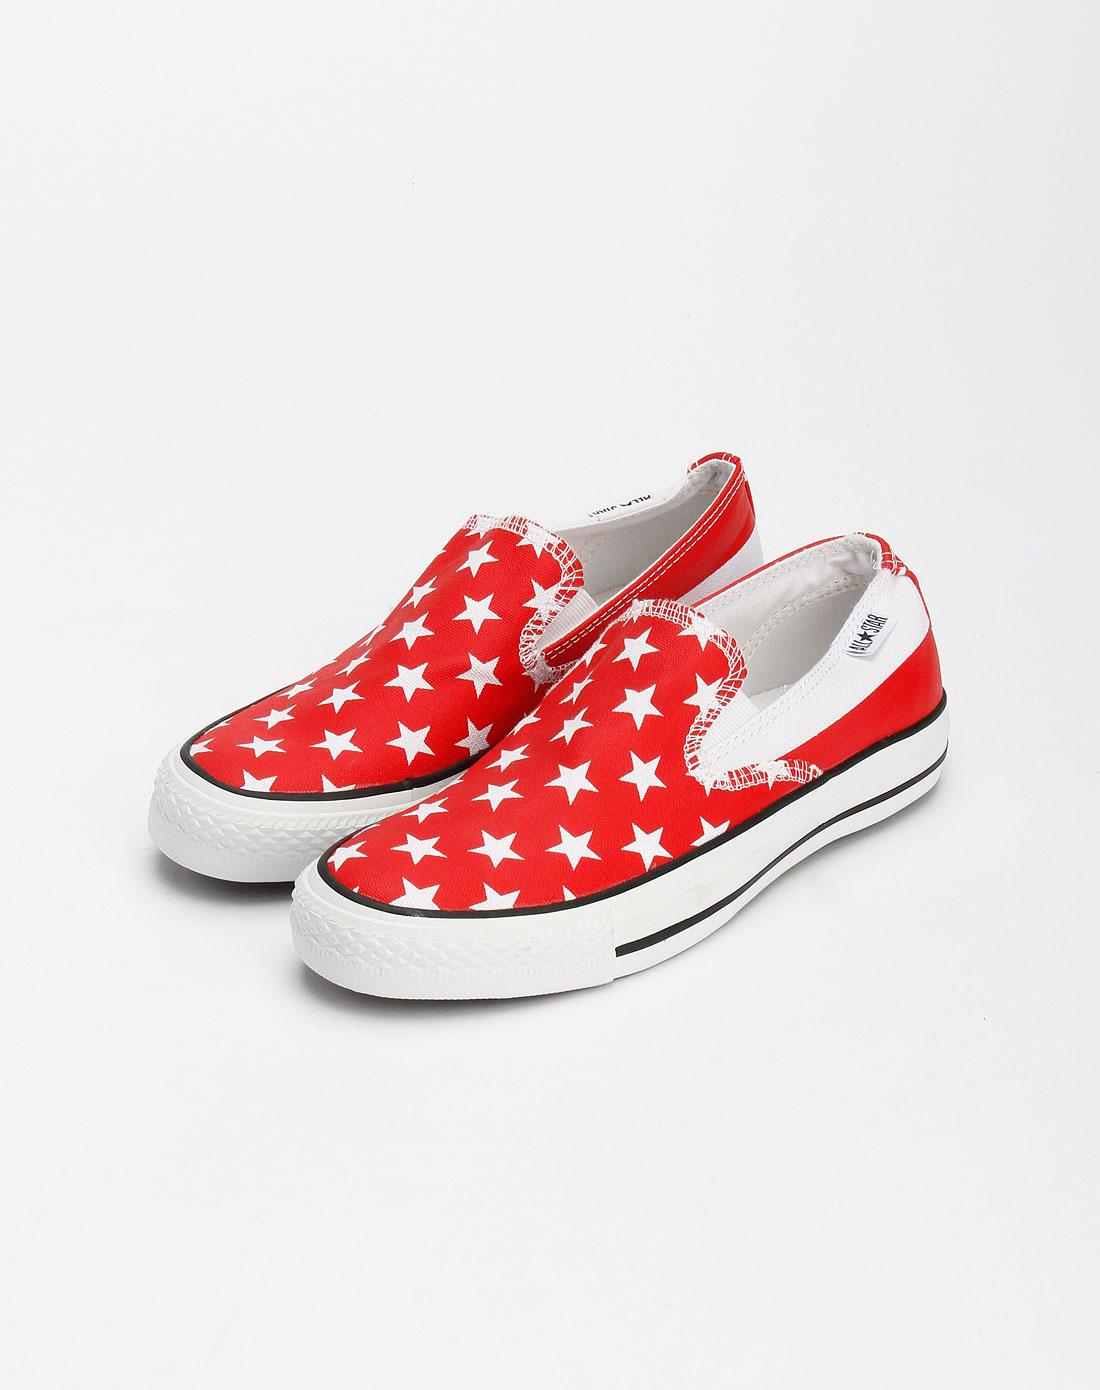 男款红/白色星印花帆布鞋